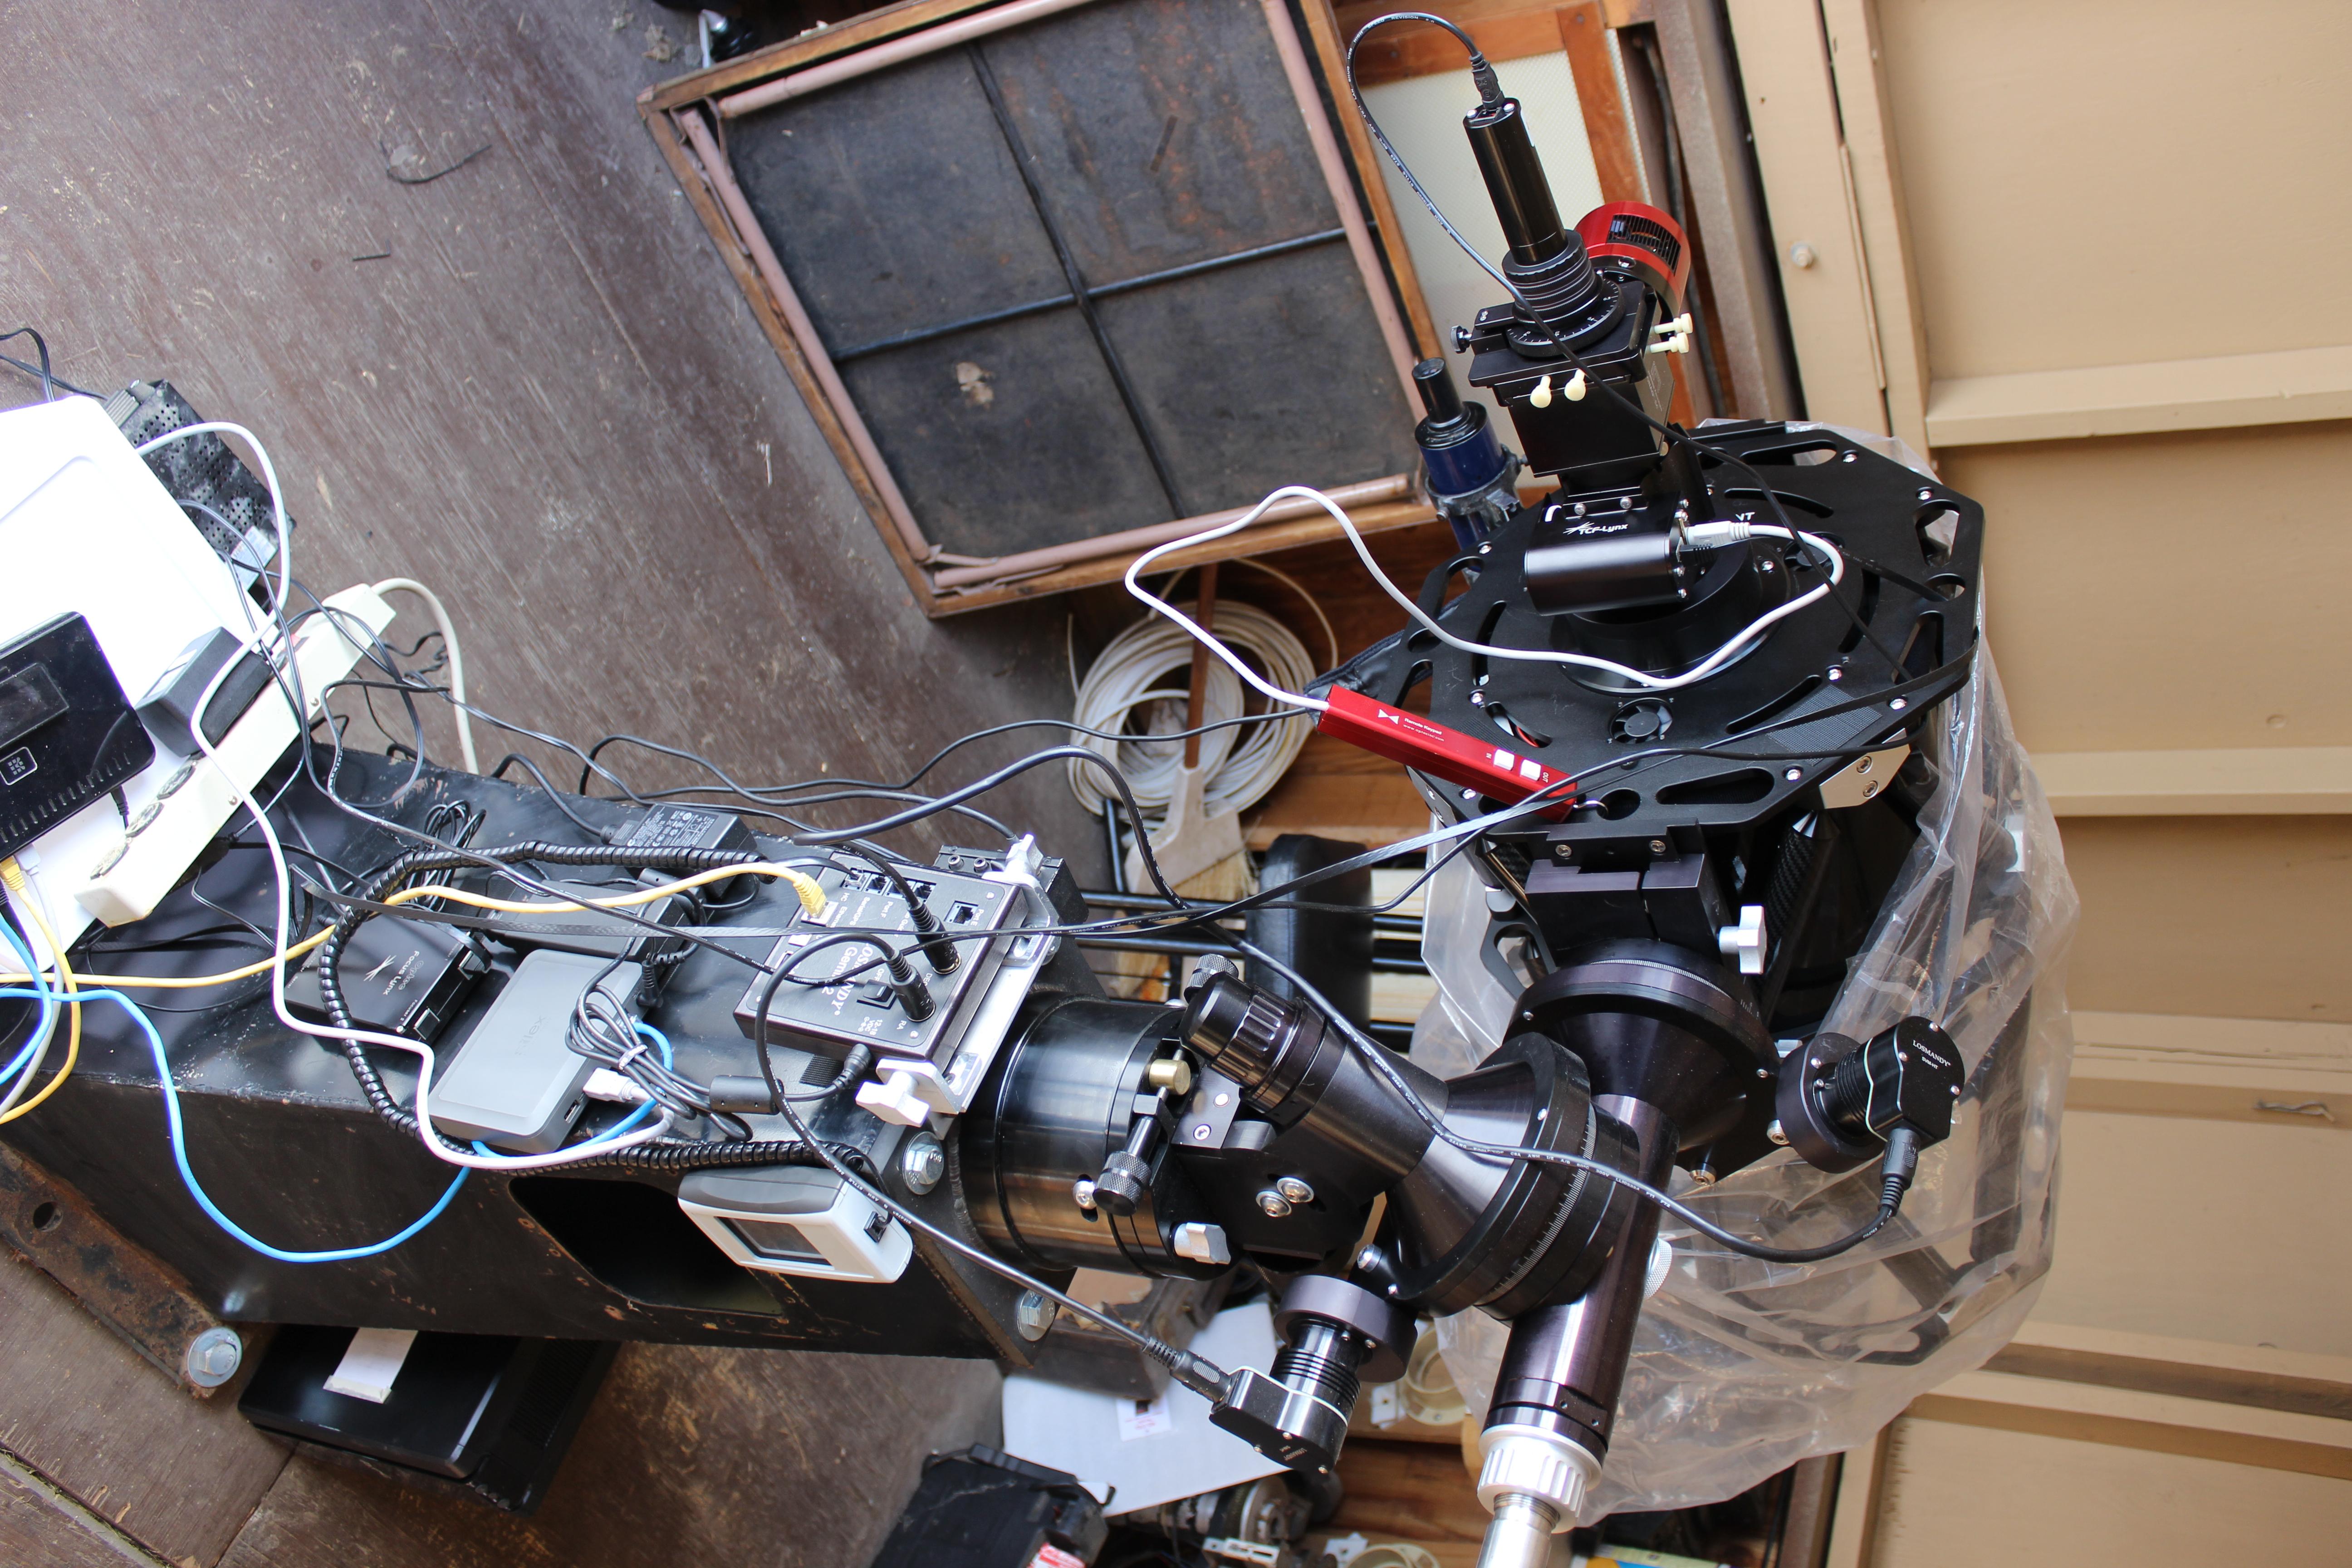 Full equipment setup